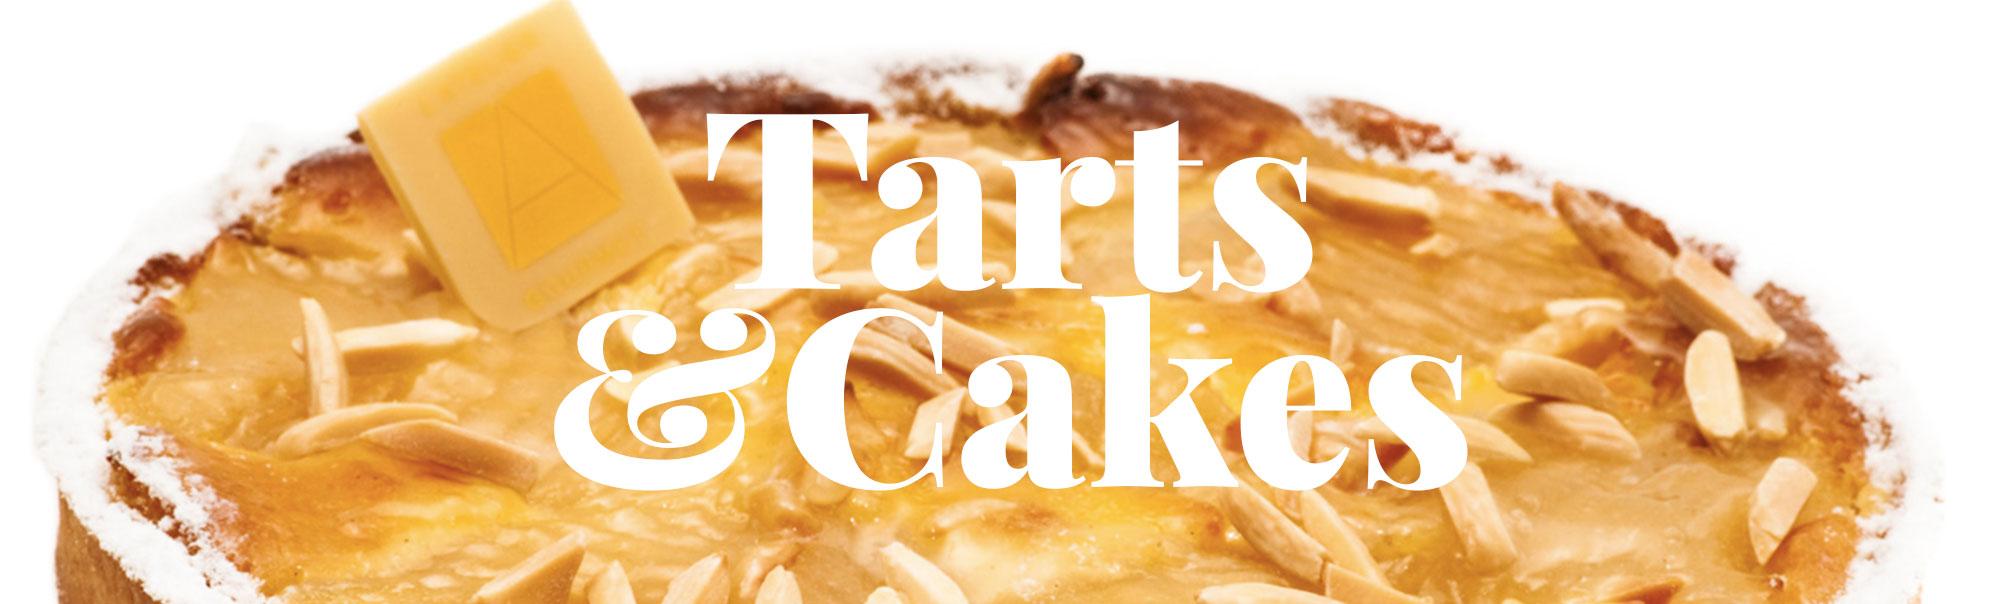 Atelier-Monnier-Menu-Tarts-cakes-Banner